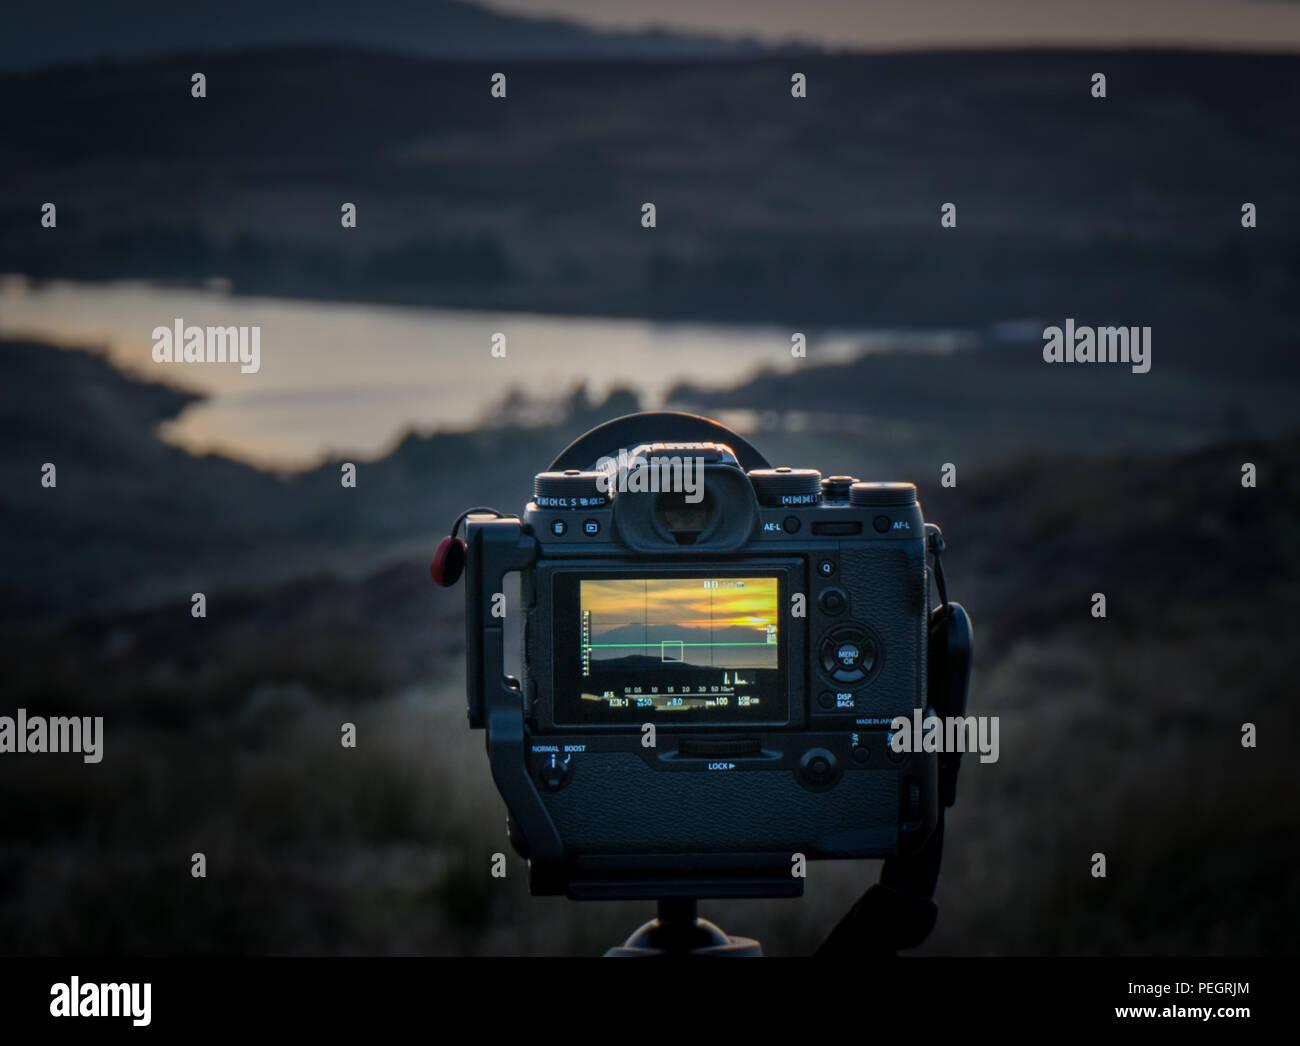 Fairlie, Scotland, Regno Unito - 24 Febbraio 2018: vista posteriore del Fuji XT-2 e attaccato Fuji battery grip fissato su unsceen trypod mount con mirrorless camer Immagini Stock